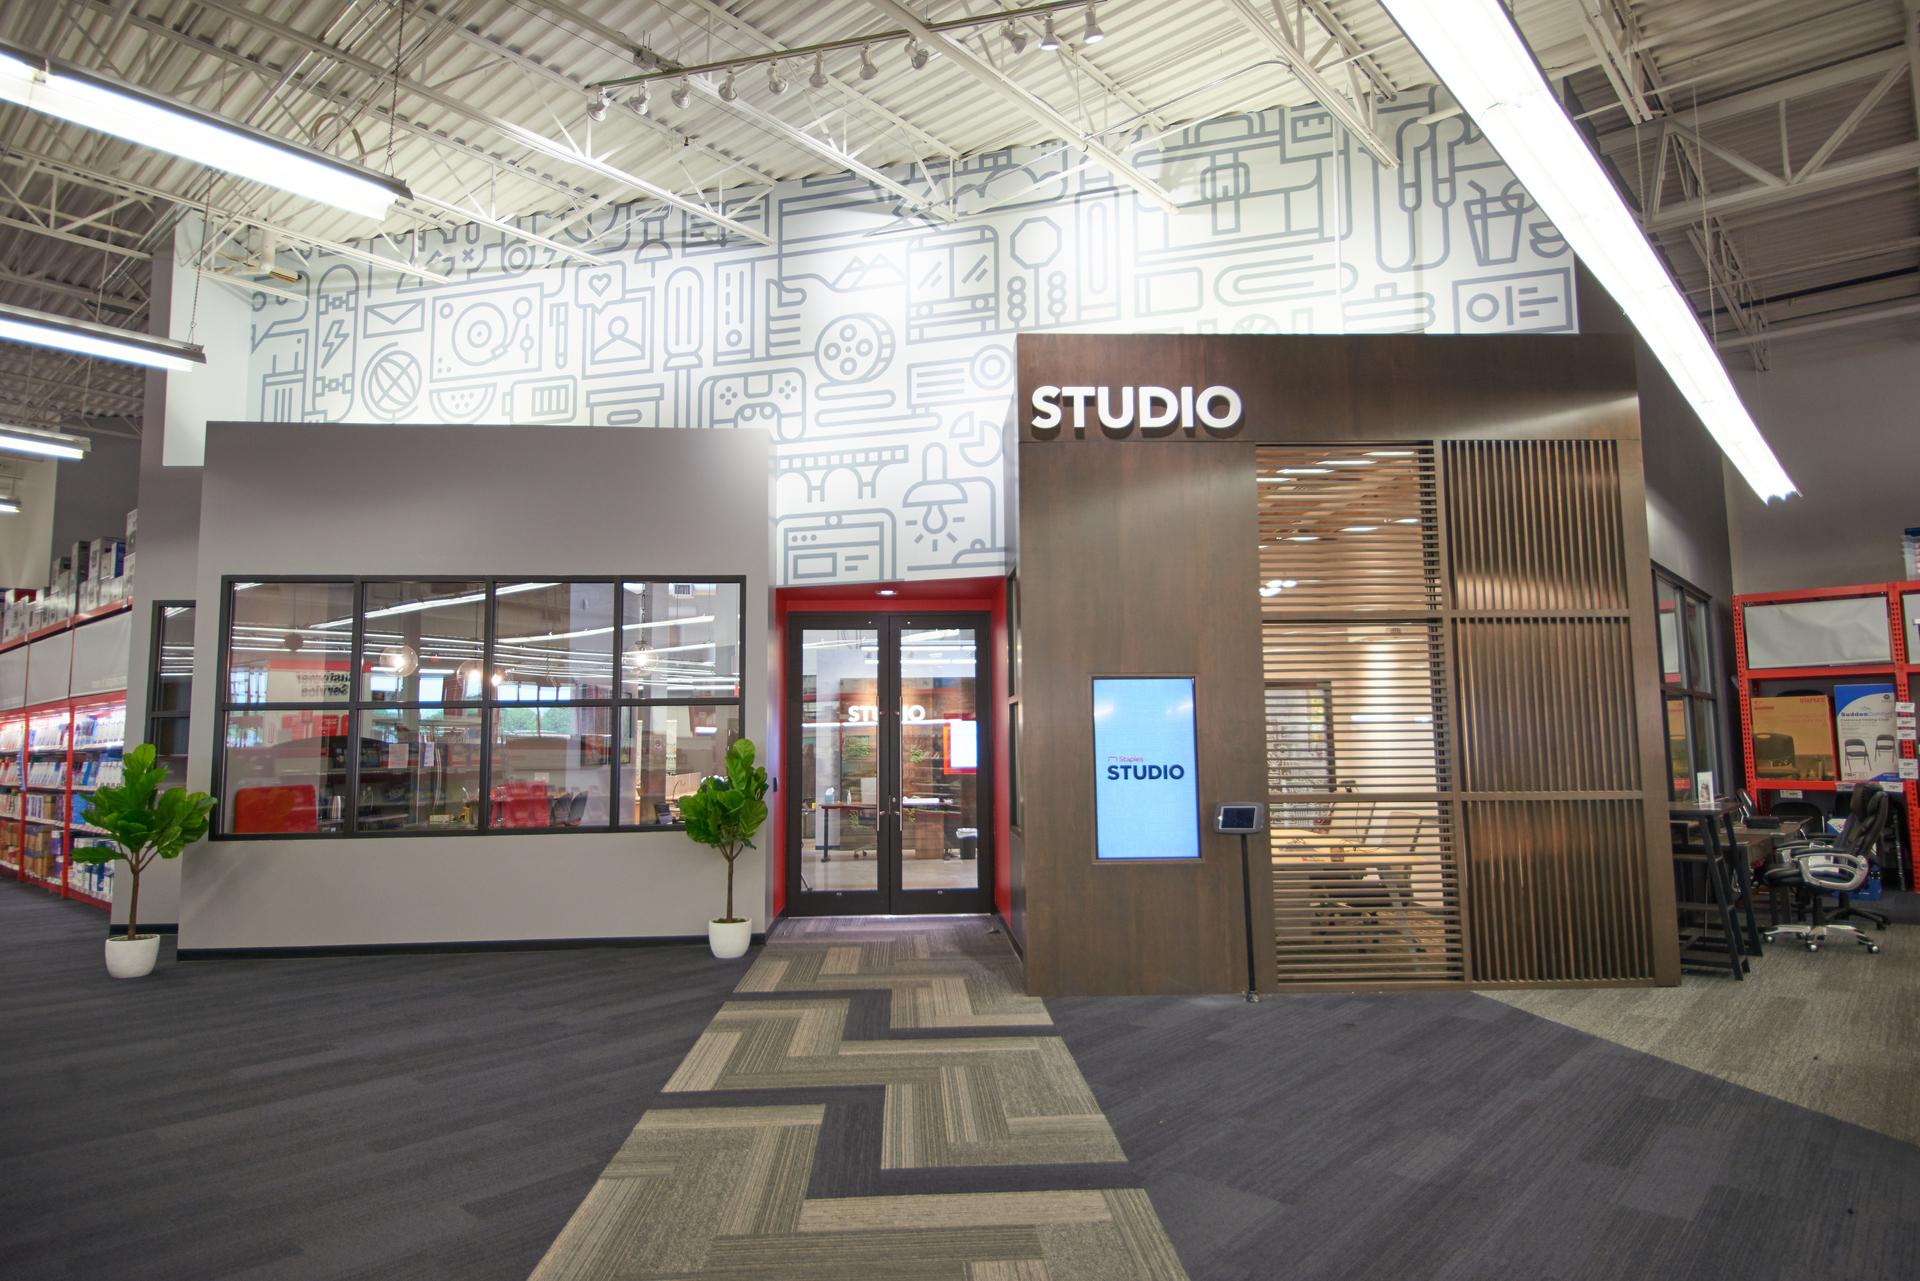 Studio La Rosa Palermo staples studio, danvers - book online - coworker